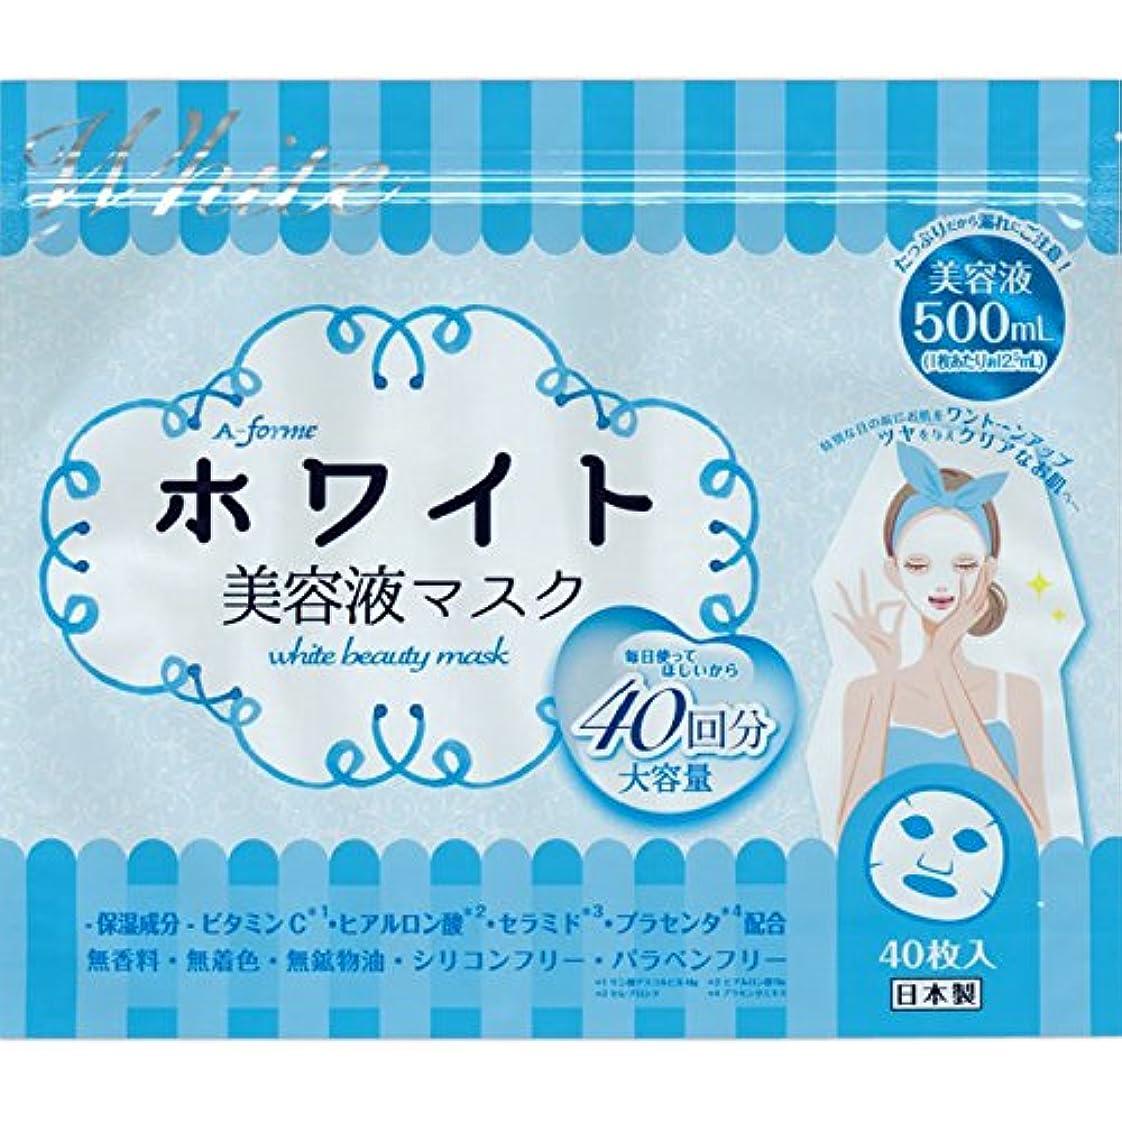 独占オリエンテーション子供時代エーフォルム ホワイト美容液マスク40枚×8